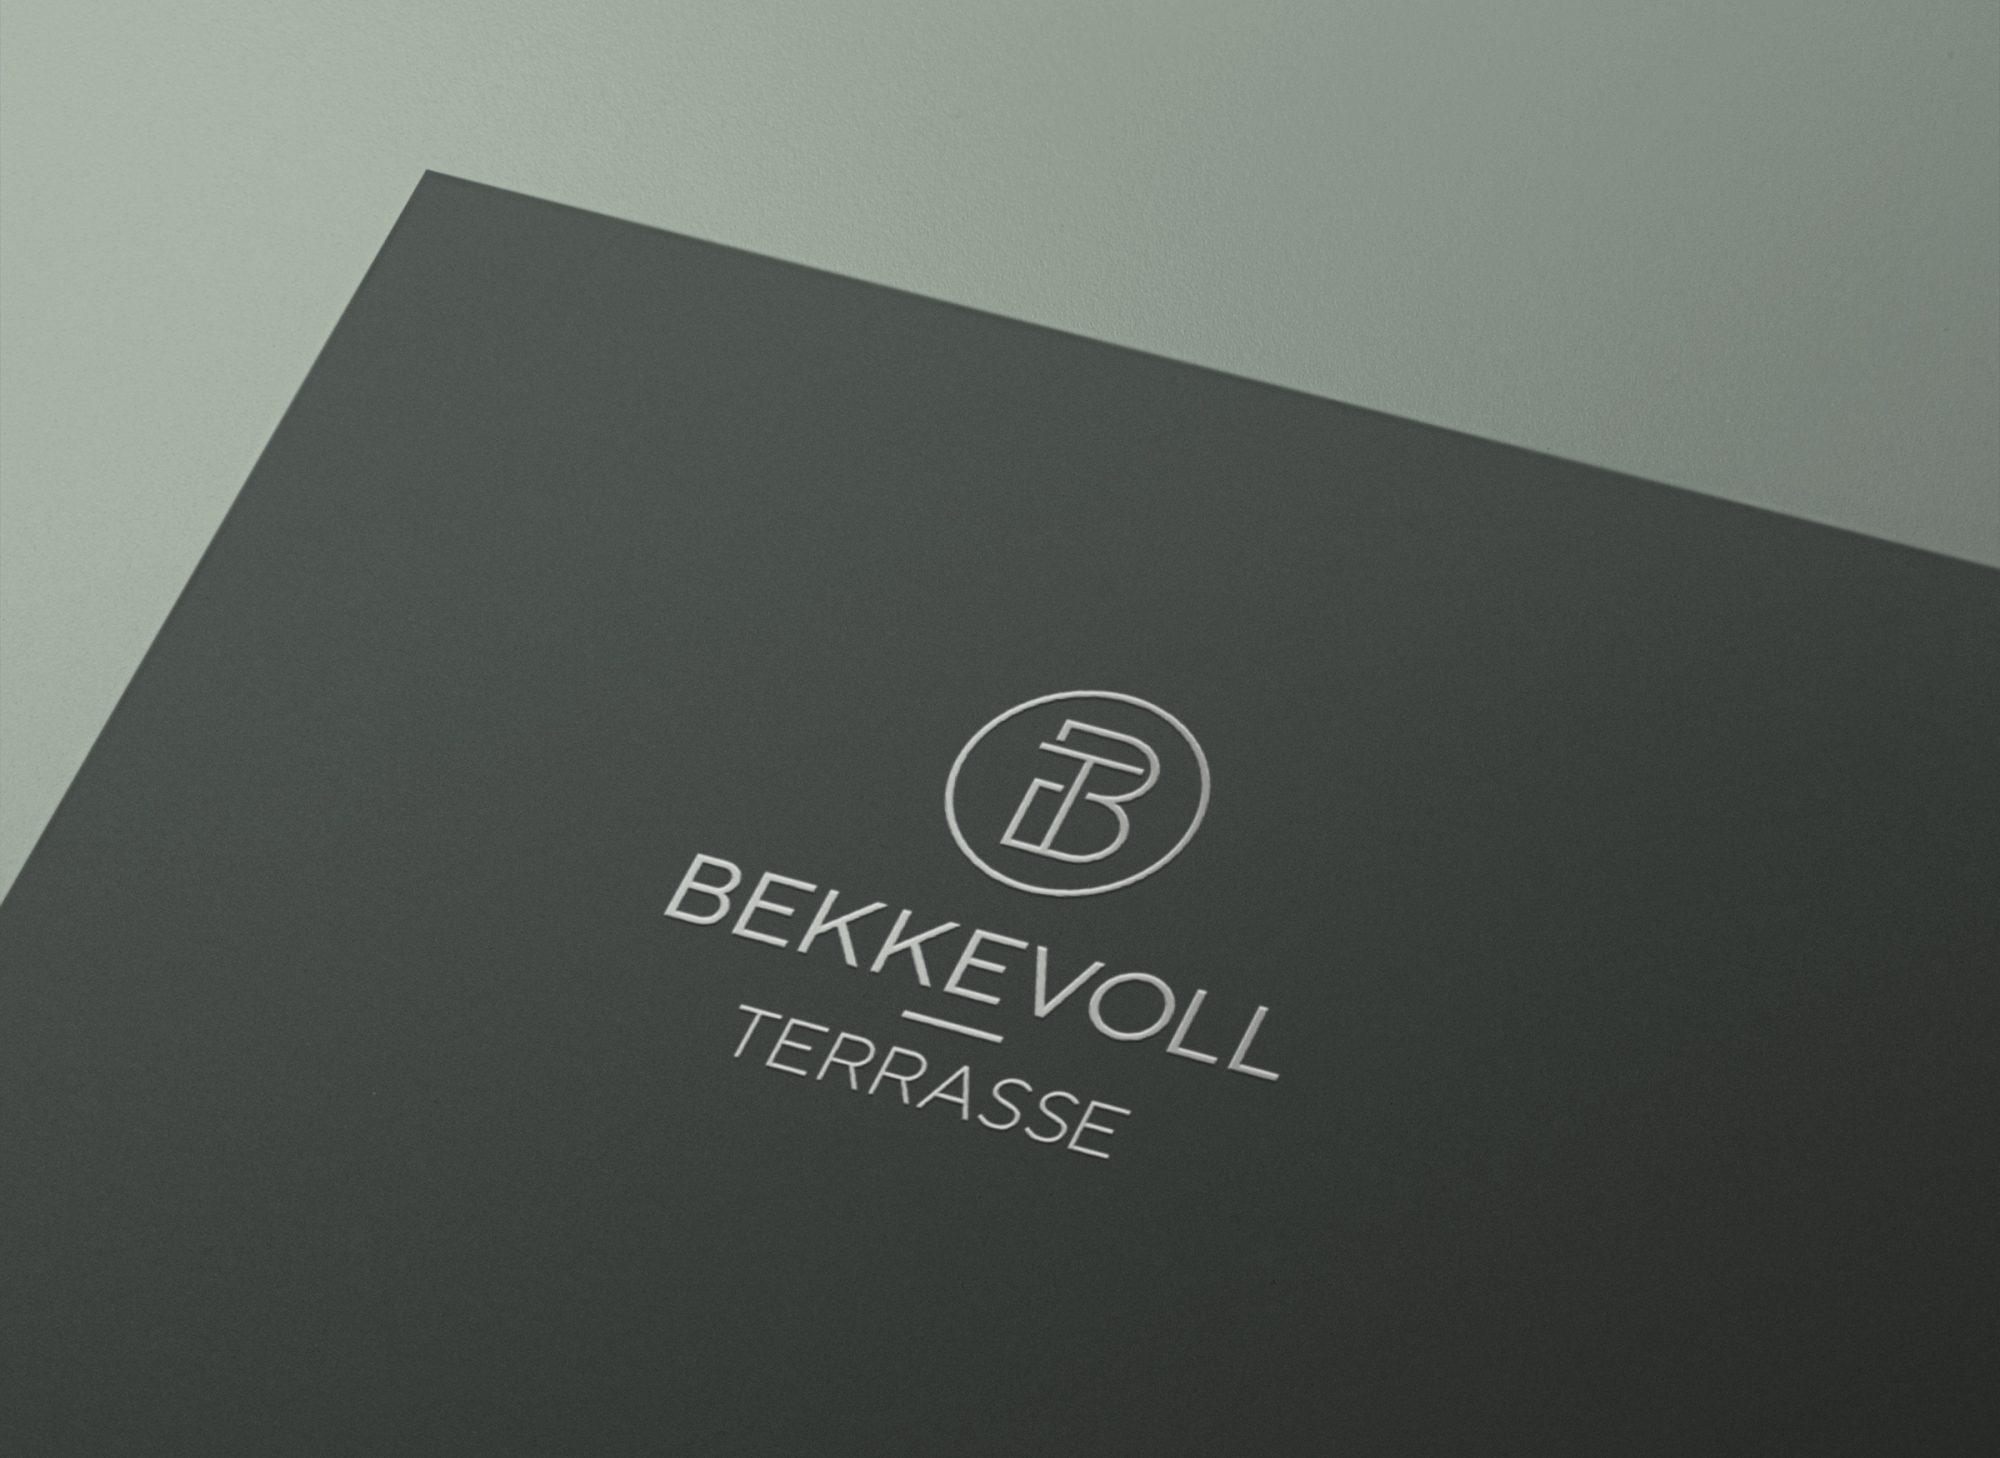 Bekkevoll Terrasse logo | Nettside eiendom | visuell identitet | markedsmateriell | prospekt